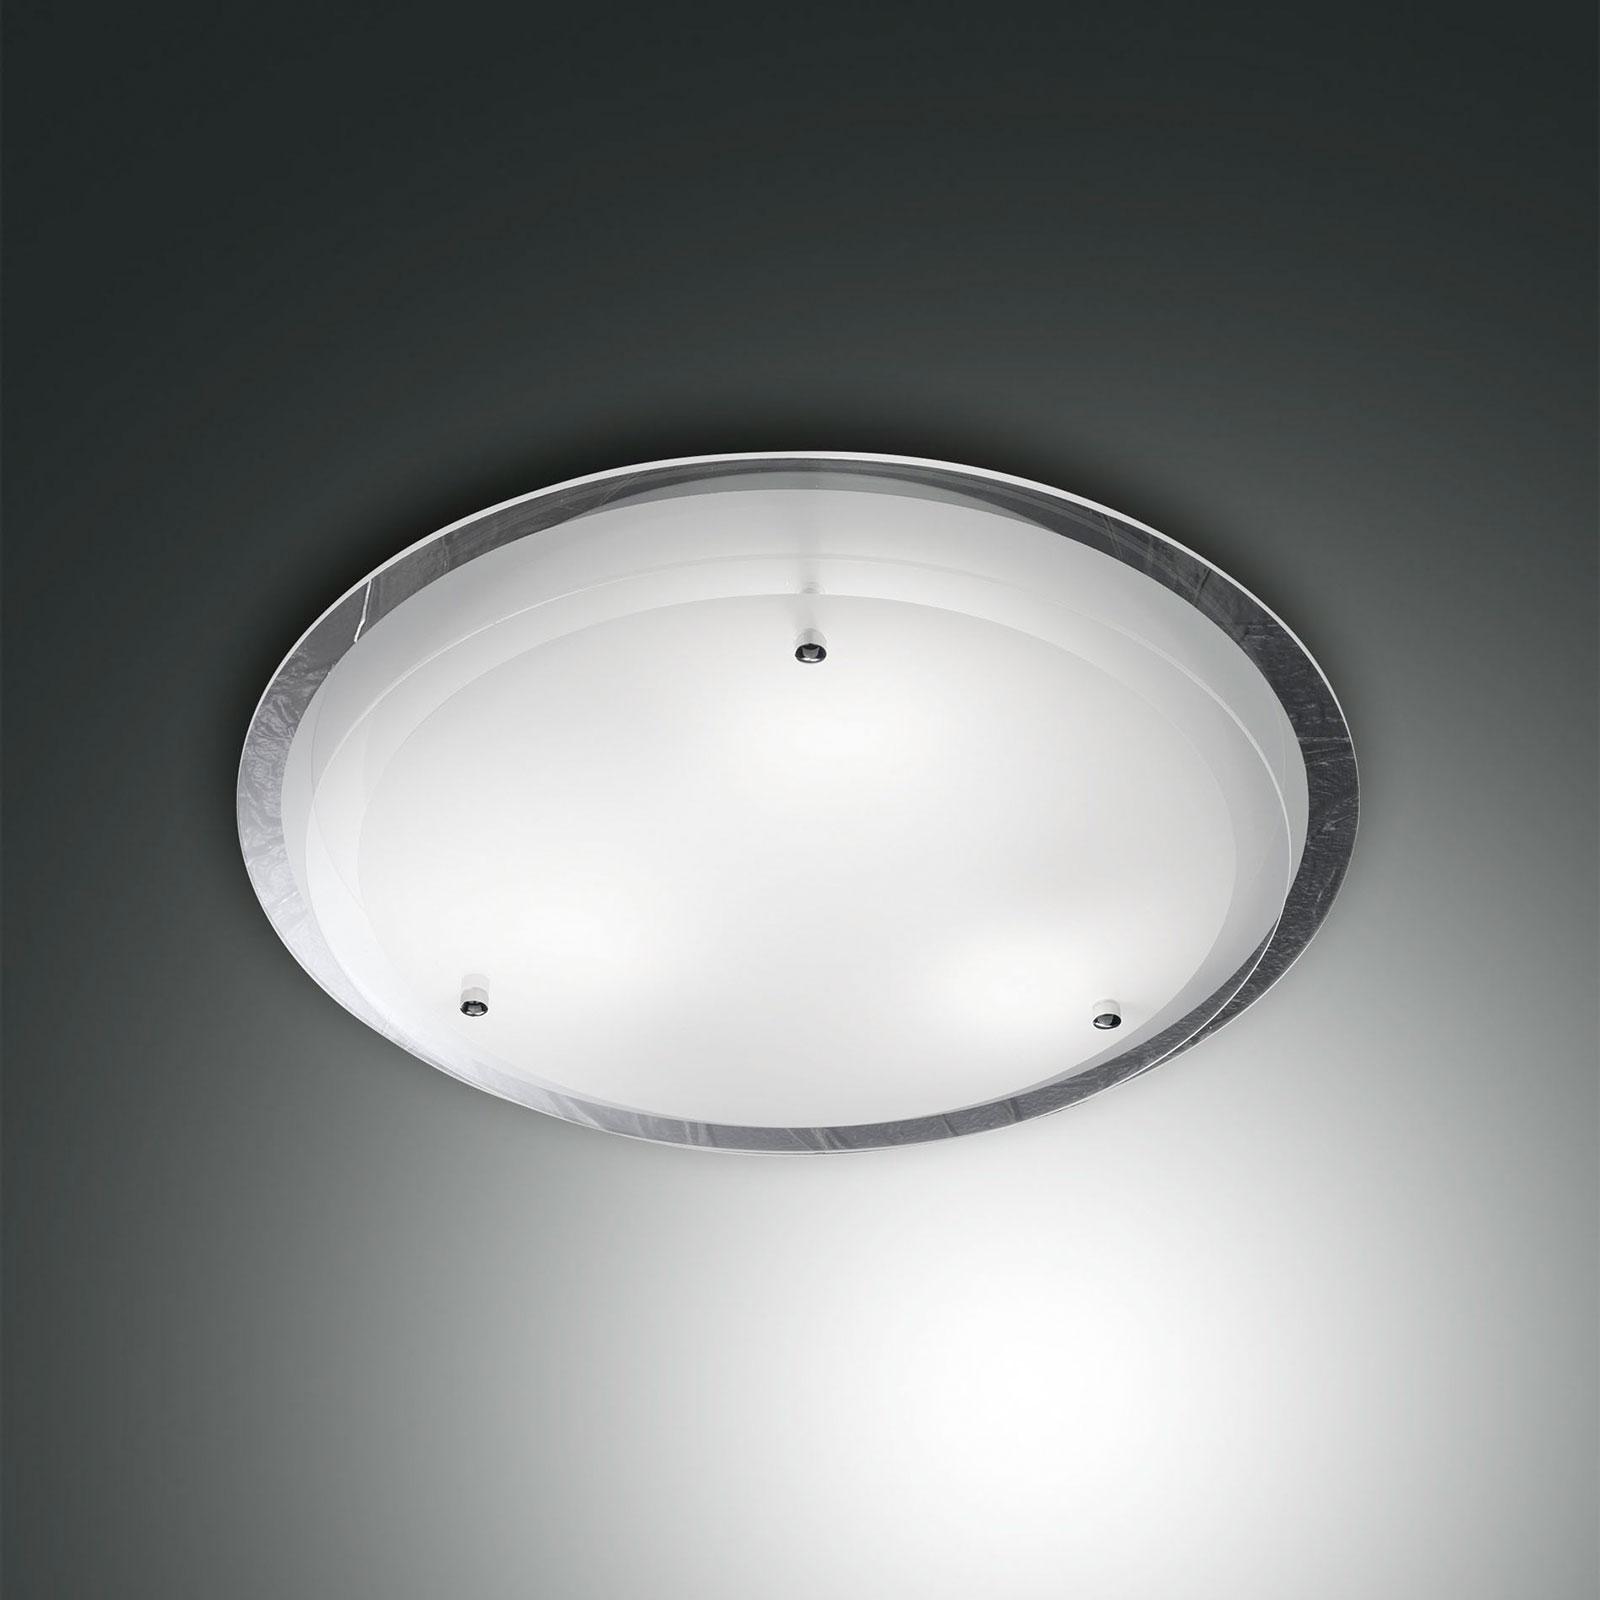 Ponadczasowa szklana lampa sufitowa Hill śr. 40 cm